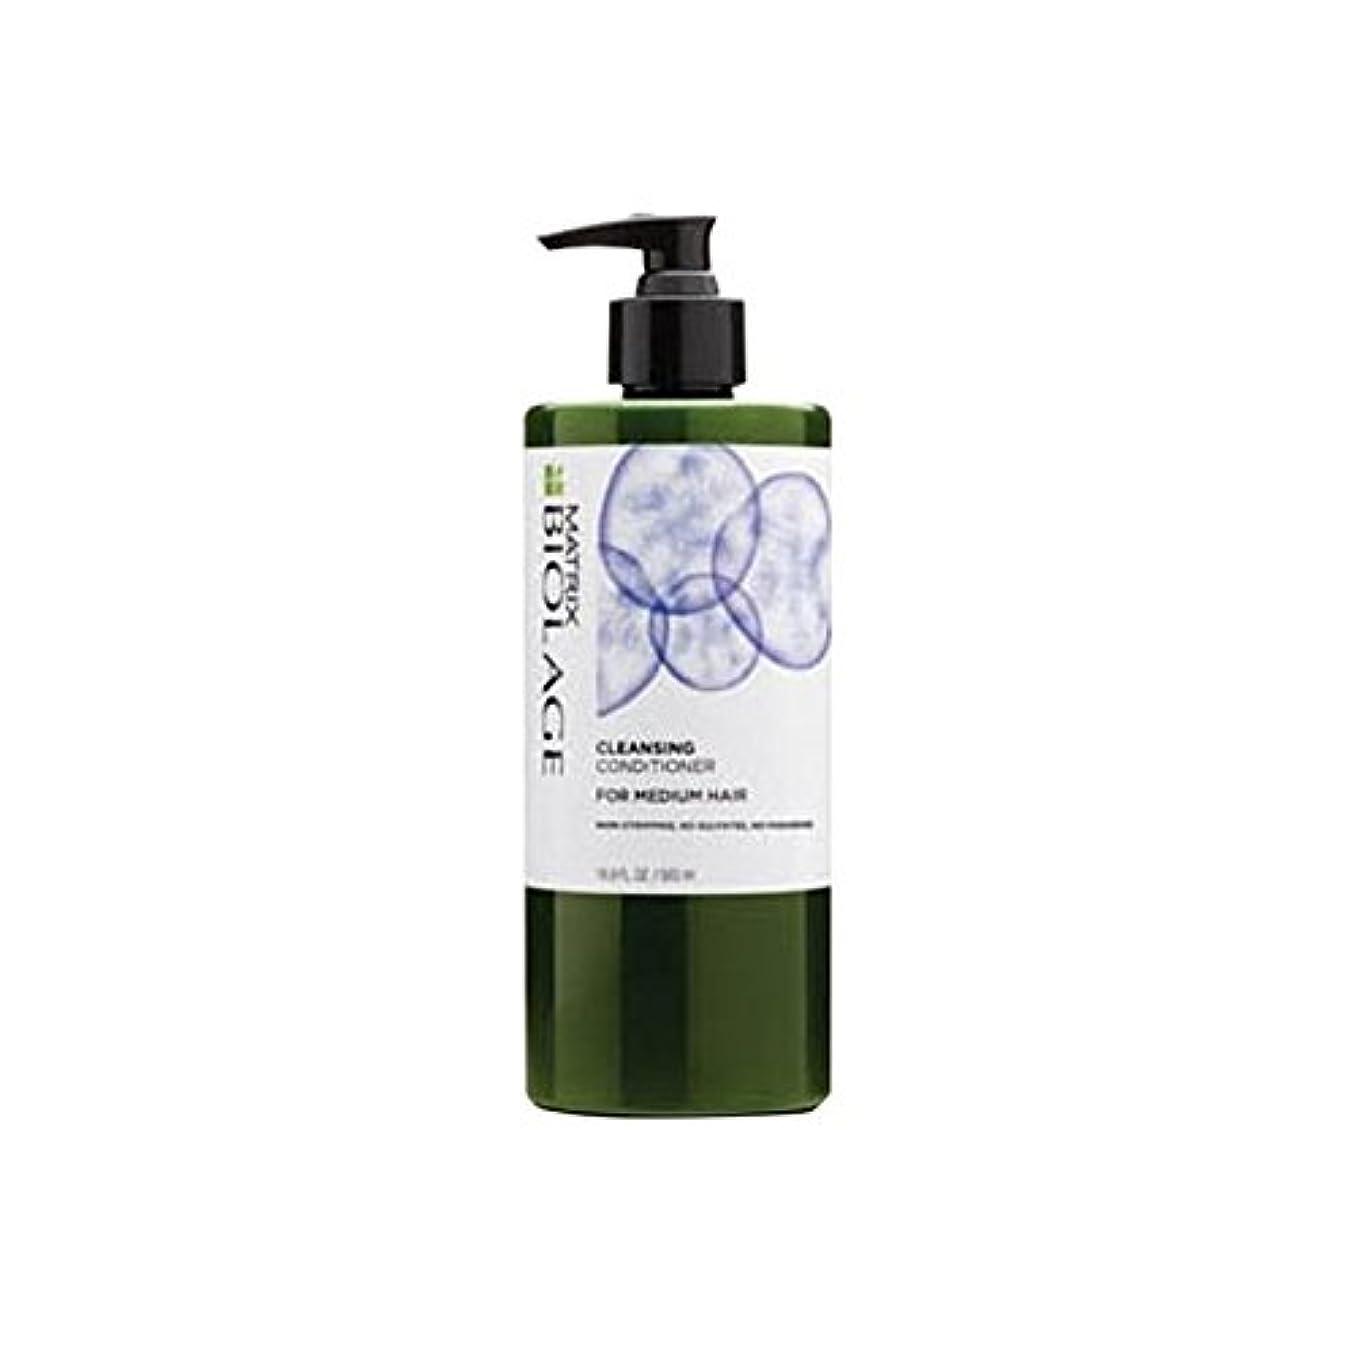 自由福祉光沢のあるMatrix Biolage Cleansing Conditioner - Medium Hair (500ml) - マトリックスバイオレイジクレンジングコンディショナー - メディア髪(500ミリリットル) [並行輸入品]